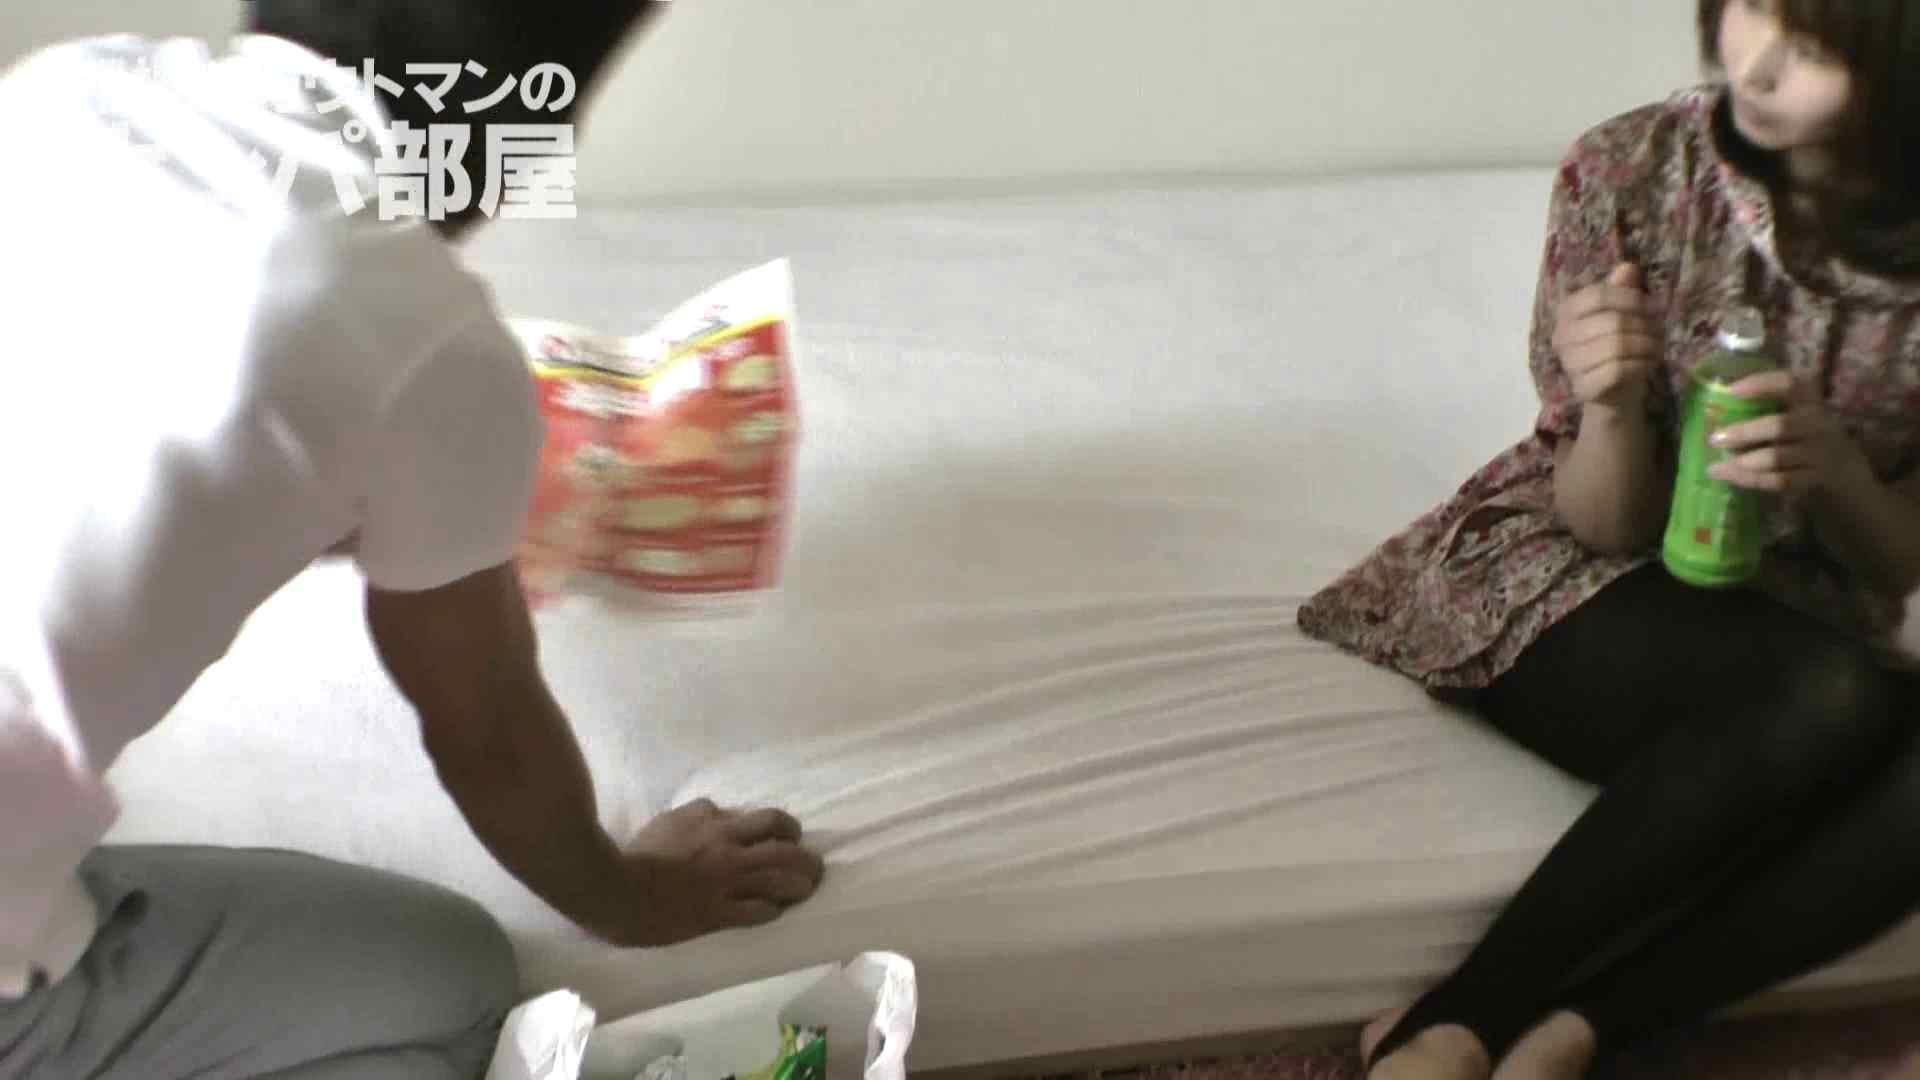 隠撮スカウトマンのナンパ部屋~風俗デビュー前のつまみ食い~ sii 隠撮  84連発 5